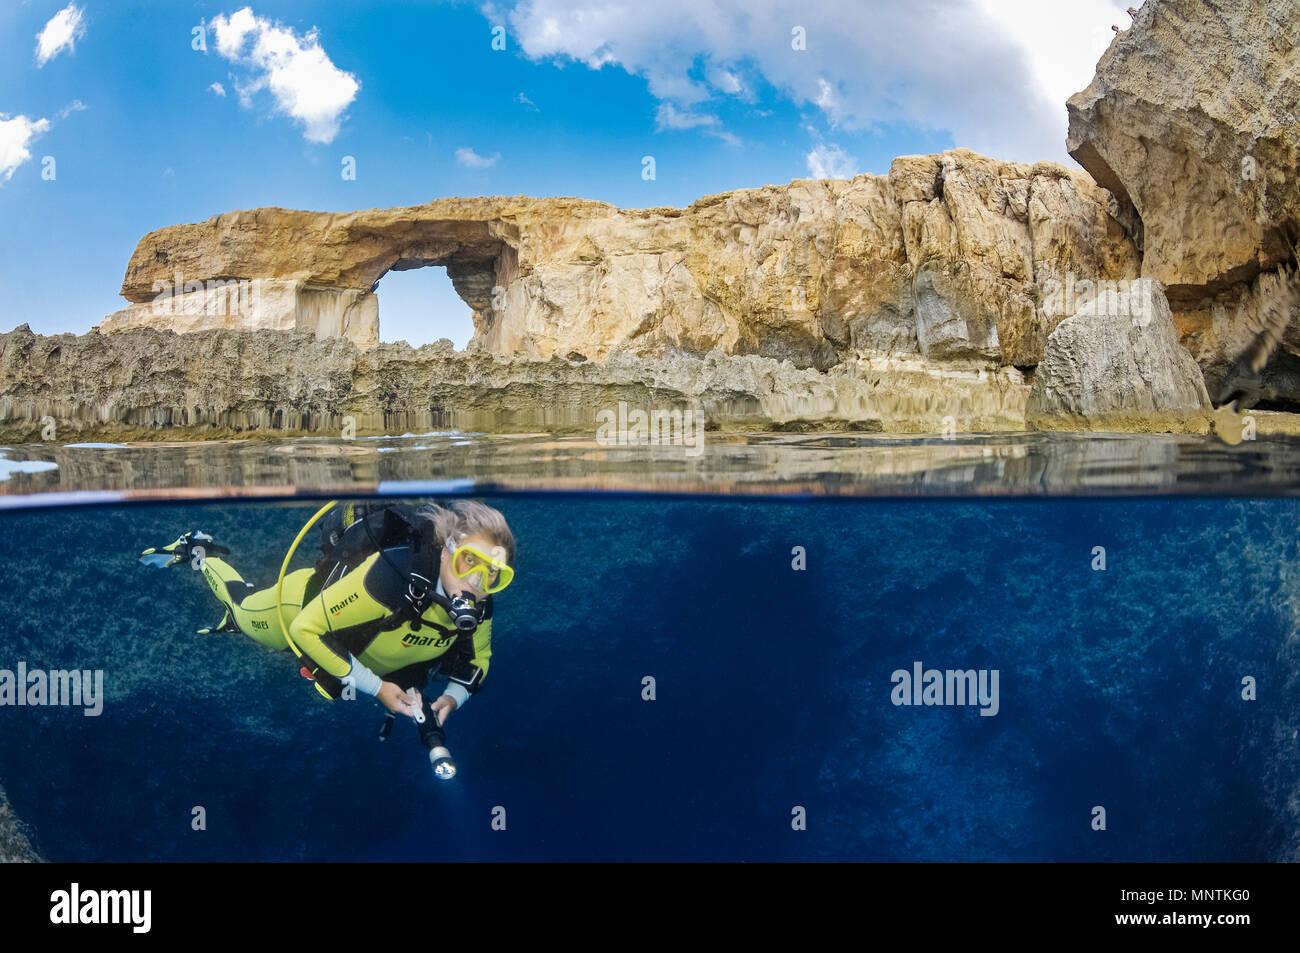 Ventana azul, o ventana de Dwejra, y mujer Scuba Diver en Blue Hole, Gozo, Malta, el Mar Mediterráneo, el Océano Atlántico, el Sr. Imagen De Stock